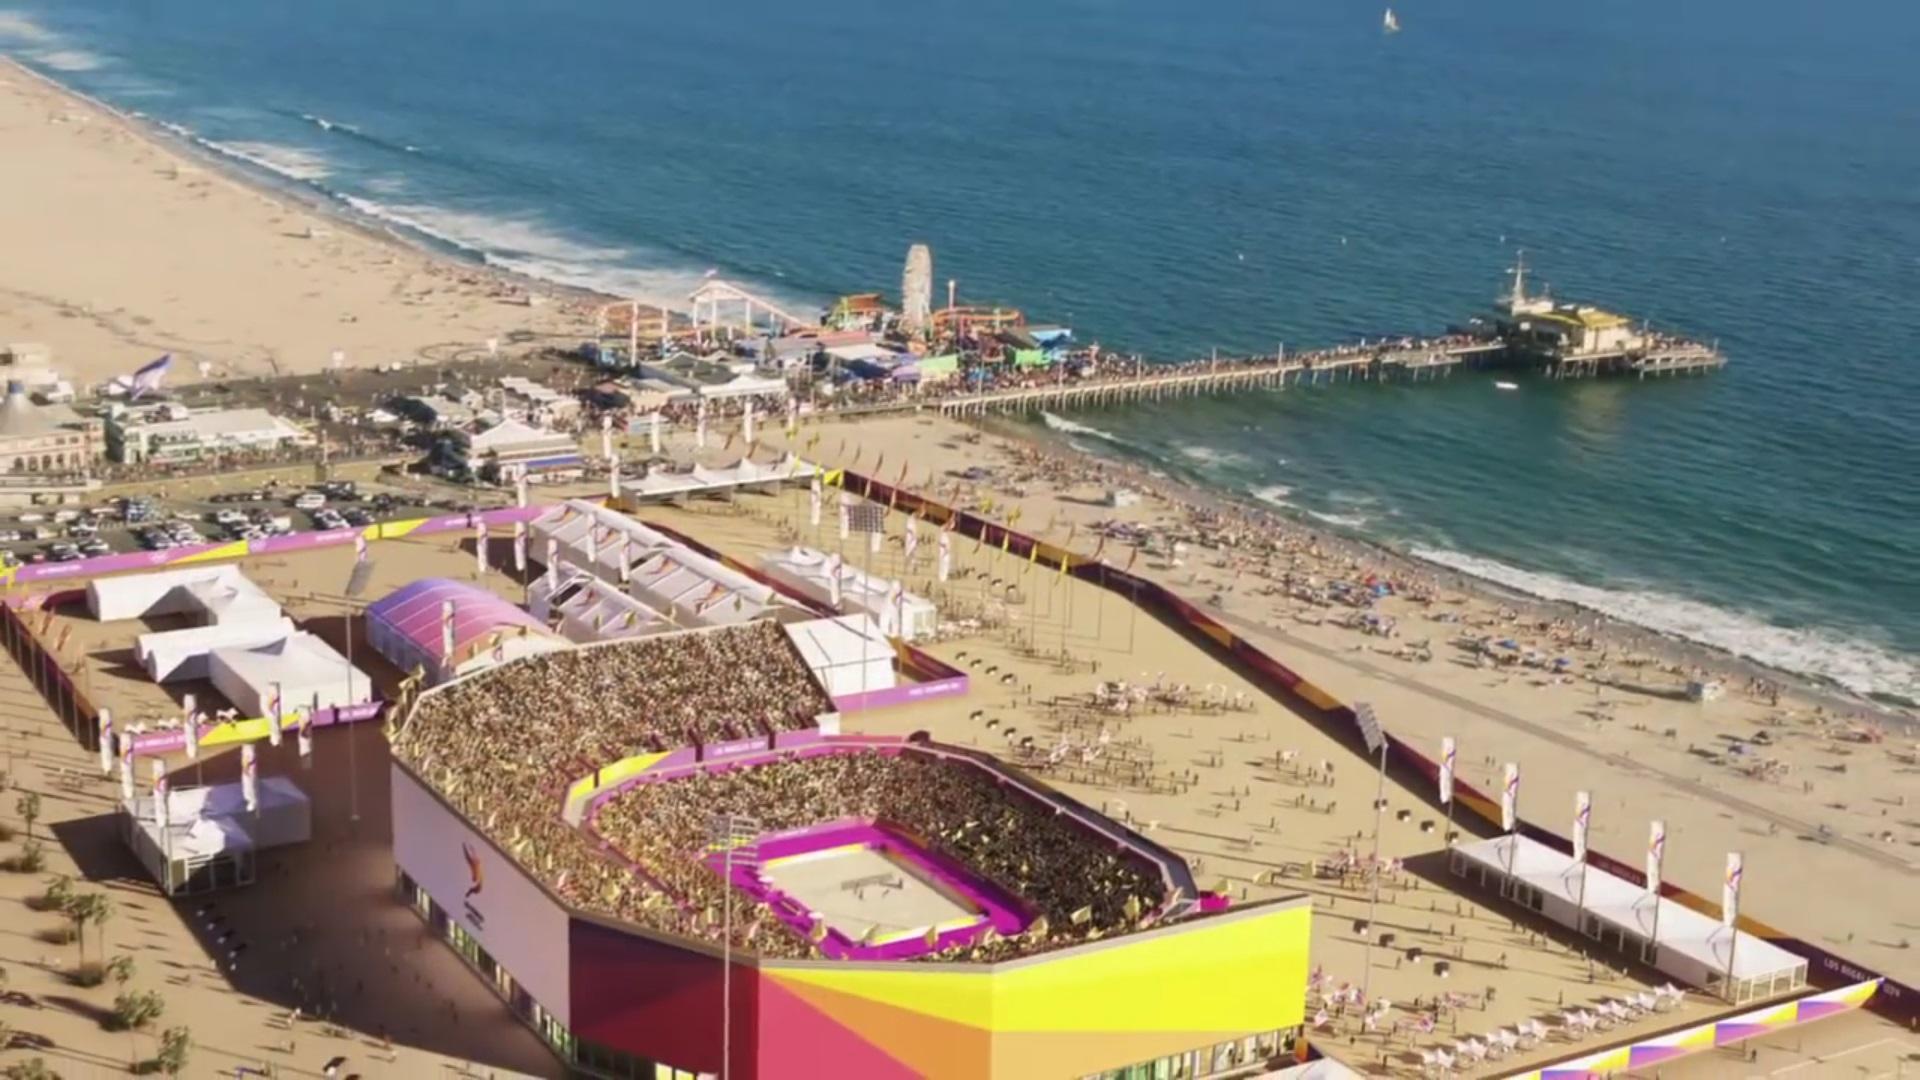 2024-los-angeles-olympic-venues-03.jpg